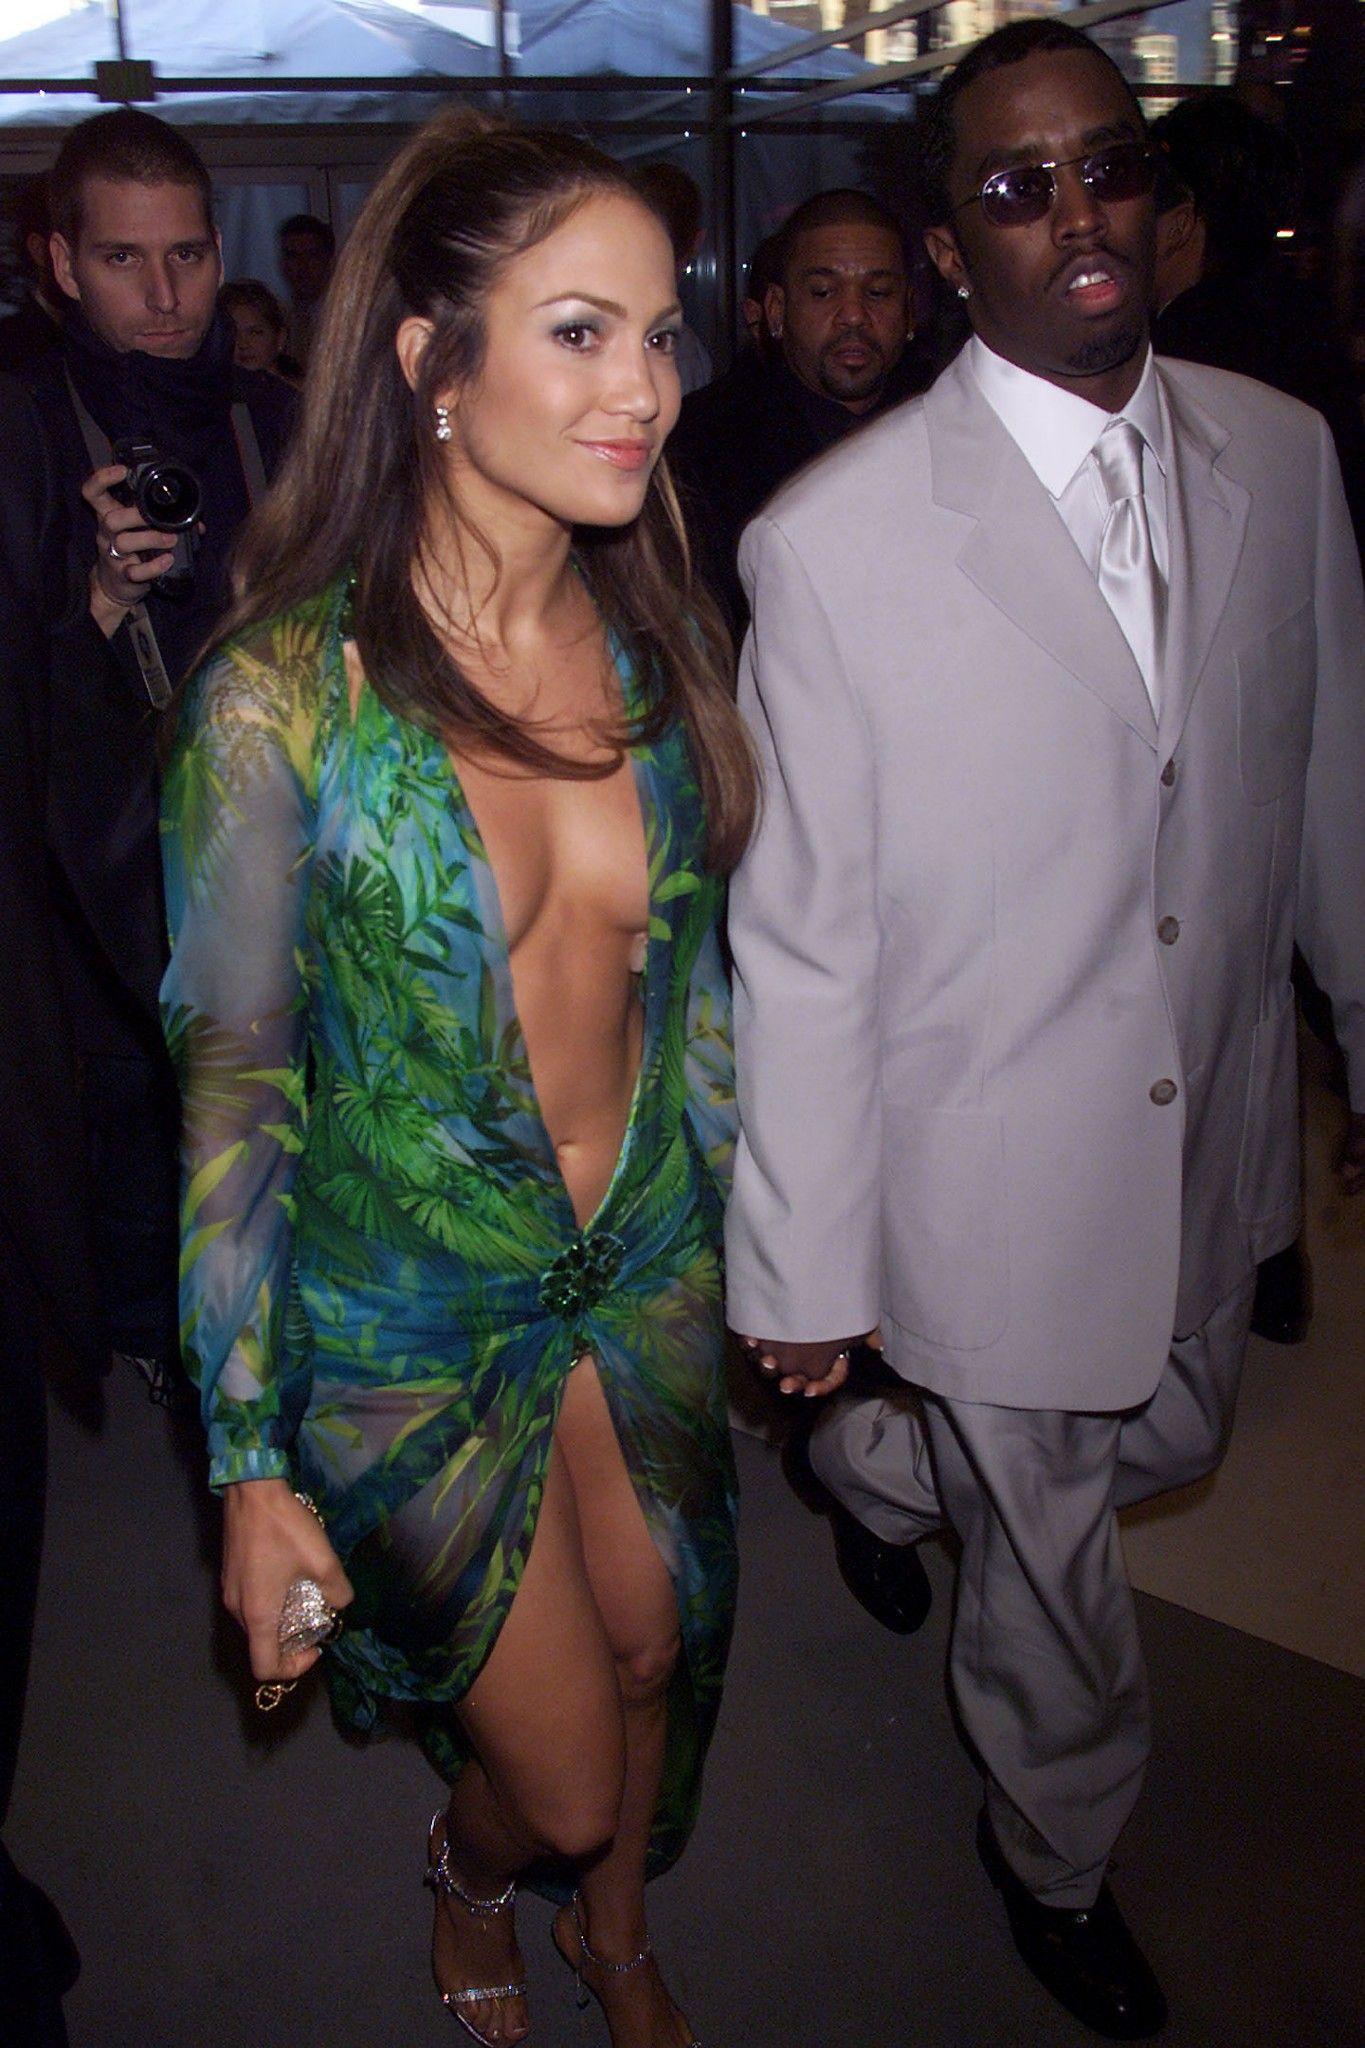 Pin By Jenine Noriega On Dresses Awards Fashion Jenifer Lopez Jennifer Lopez [ 2048 x 1365 Pixel ]